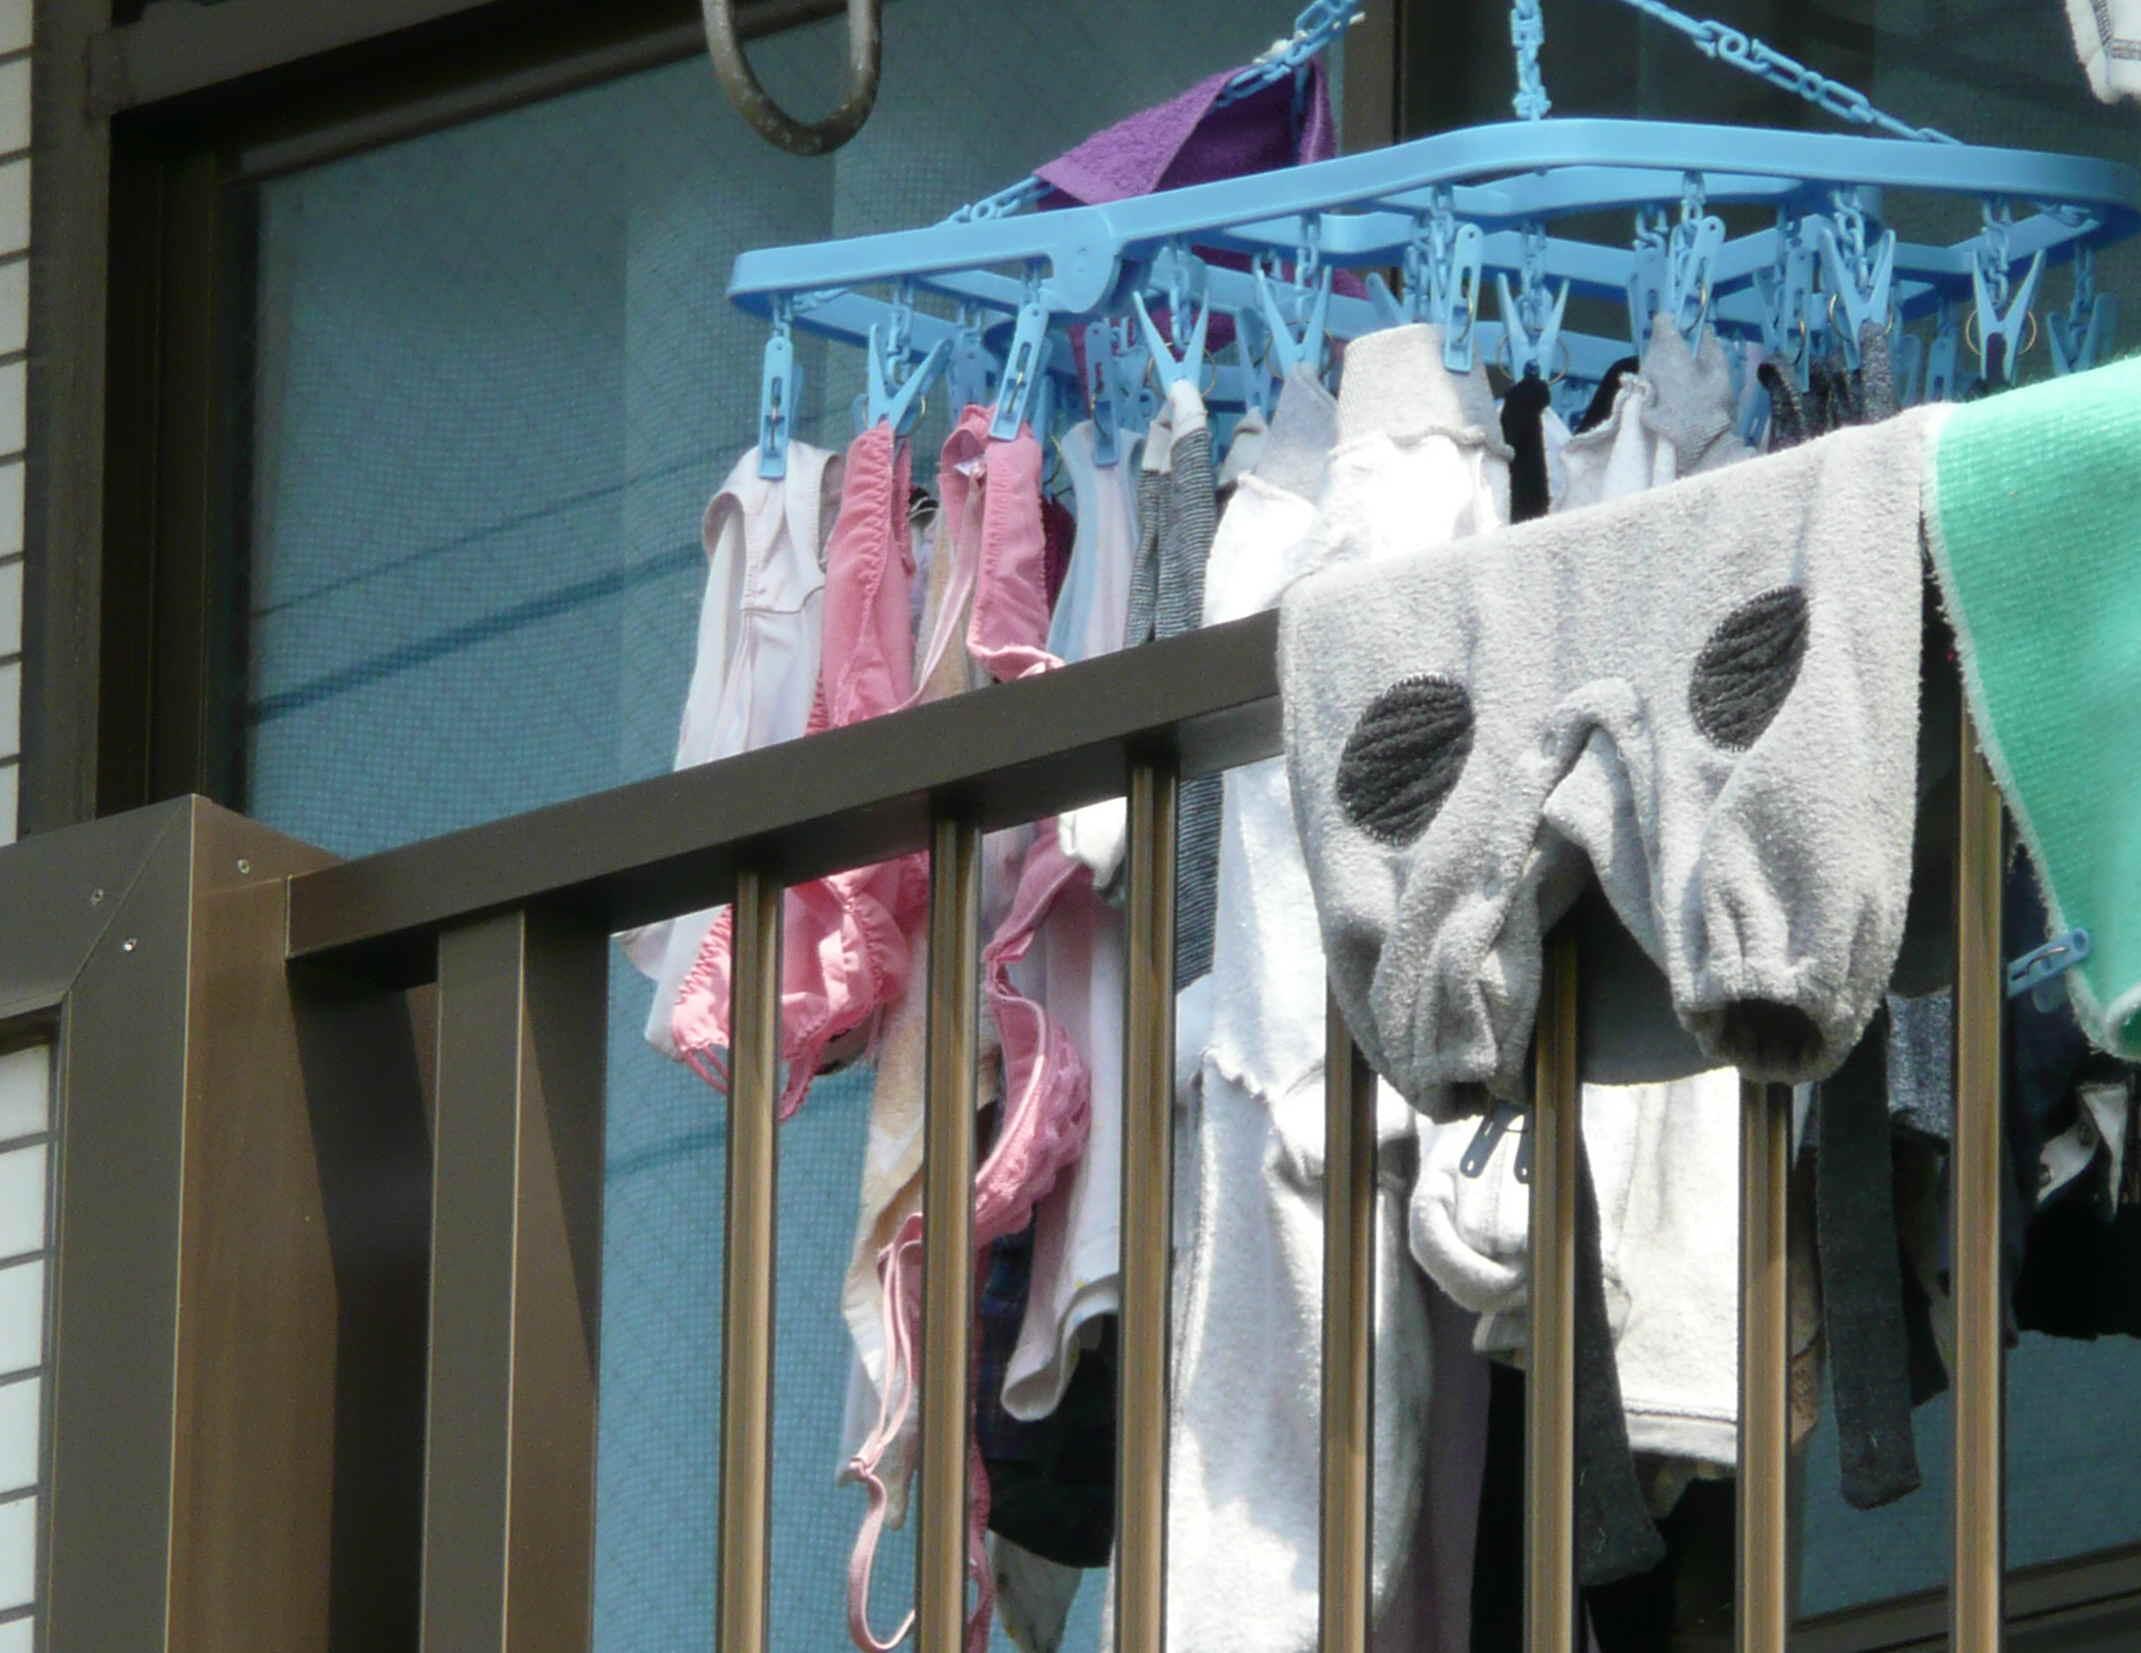 下着フェチ 洗濯物 下着姿 若い素人妻が暮らすベランダに干された洗濯物のブラやパンティー